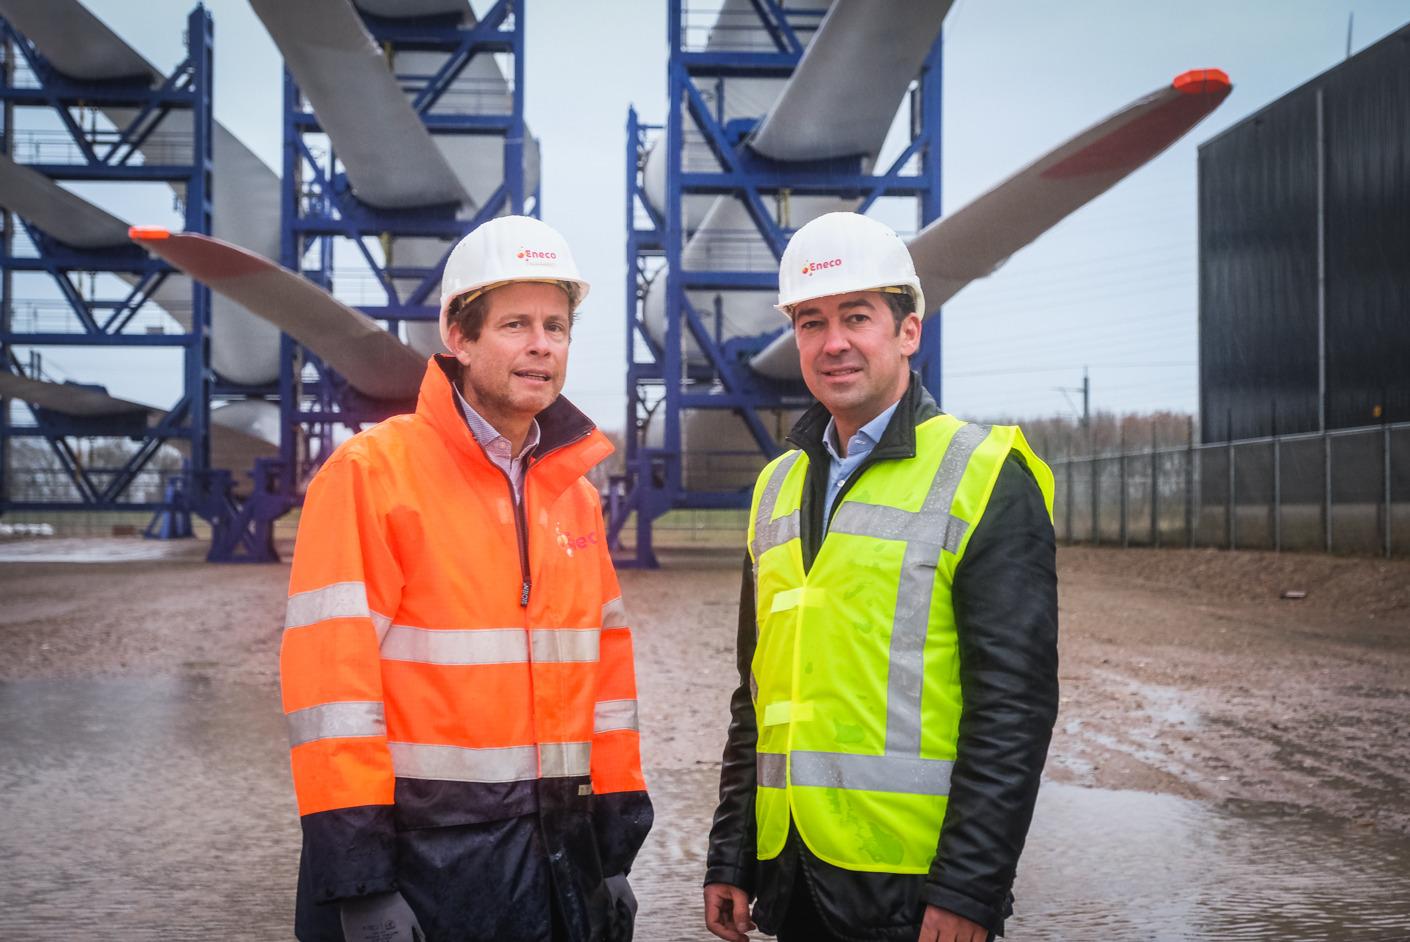 Meer dan 1 miljoen Eneco-klanten sneller op groene en lokale stroom dankzij 58 SeaMade-windturbines